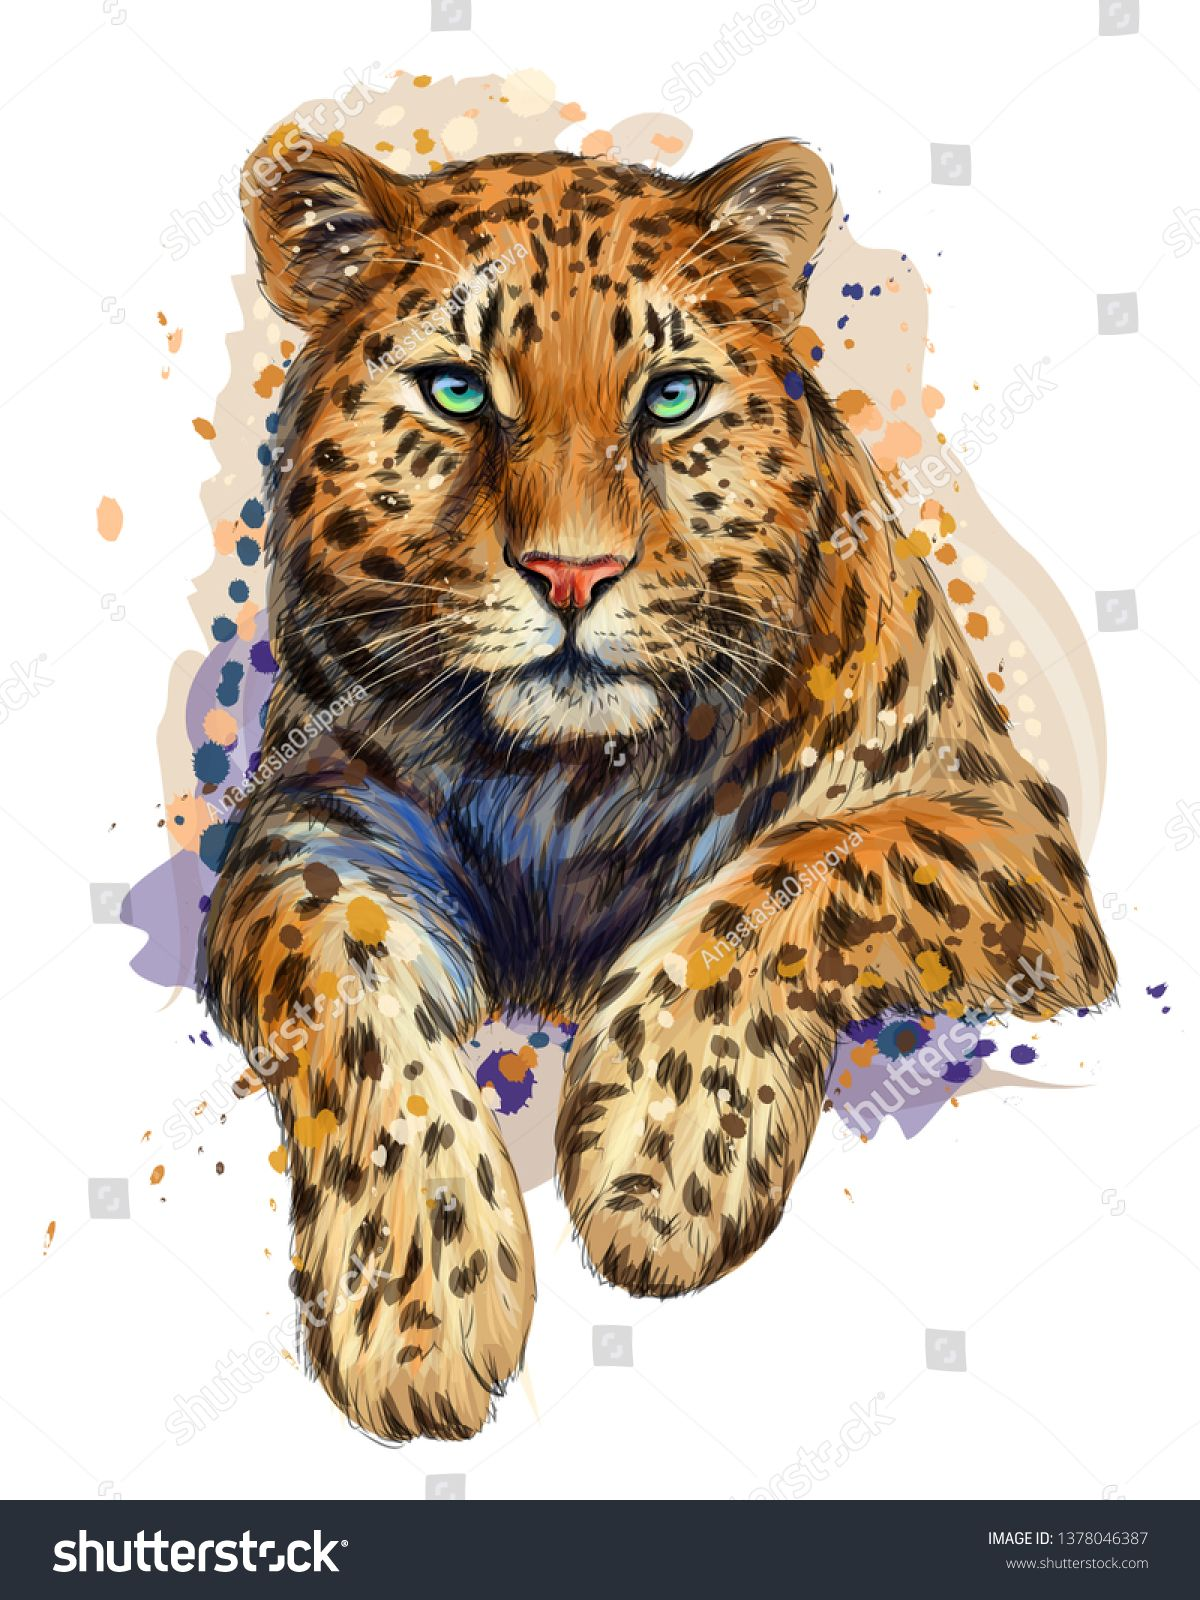 Leopard Jaguar Color Graphic Artistic Portrait Of A Leopard In A Picturesque Style On A White Background With Splashe Portrait Artist Jaguar Colors Artist